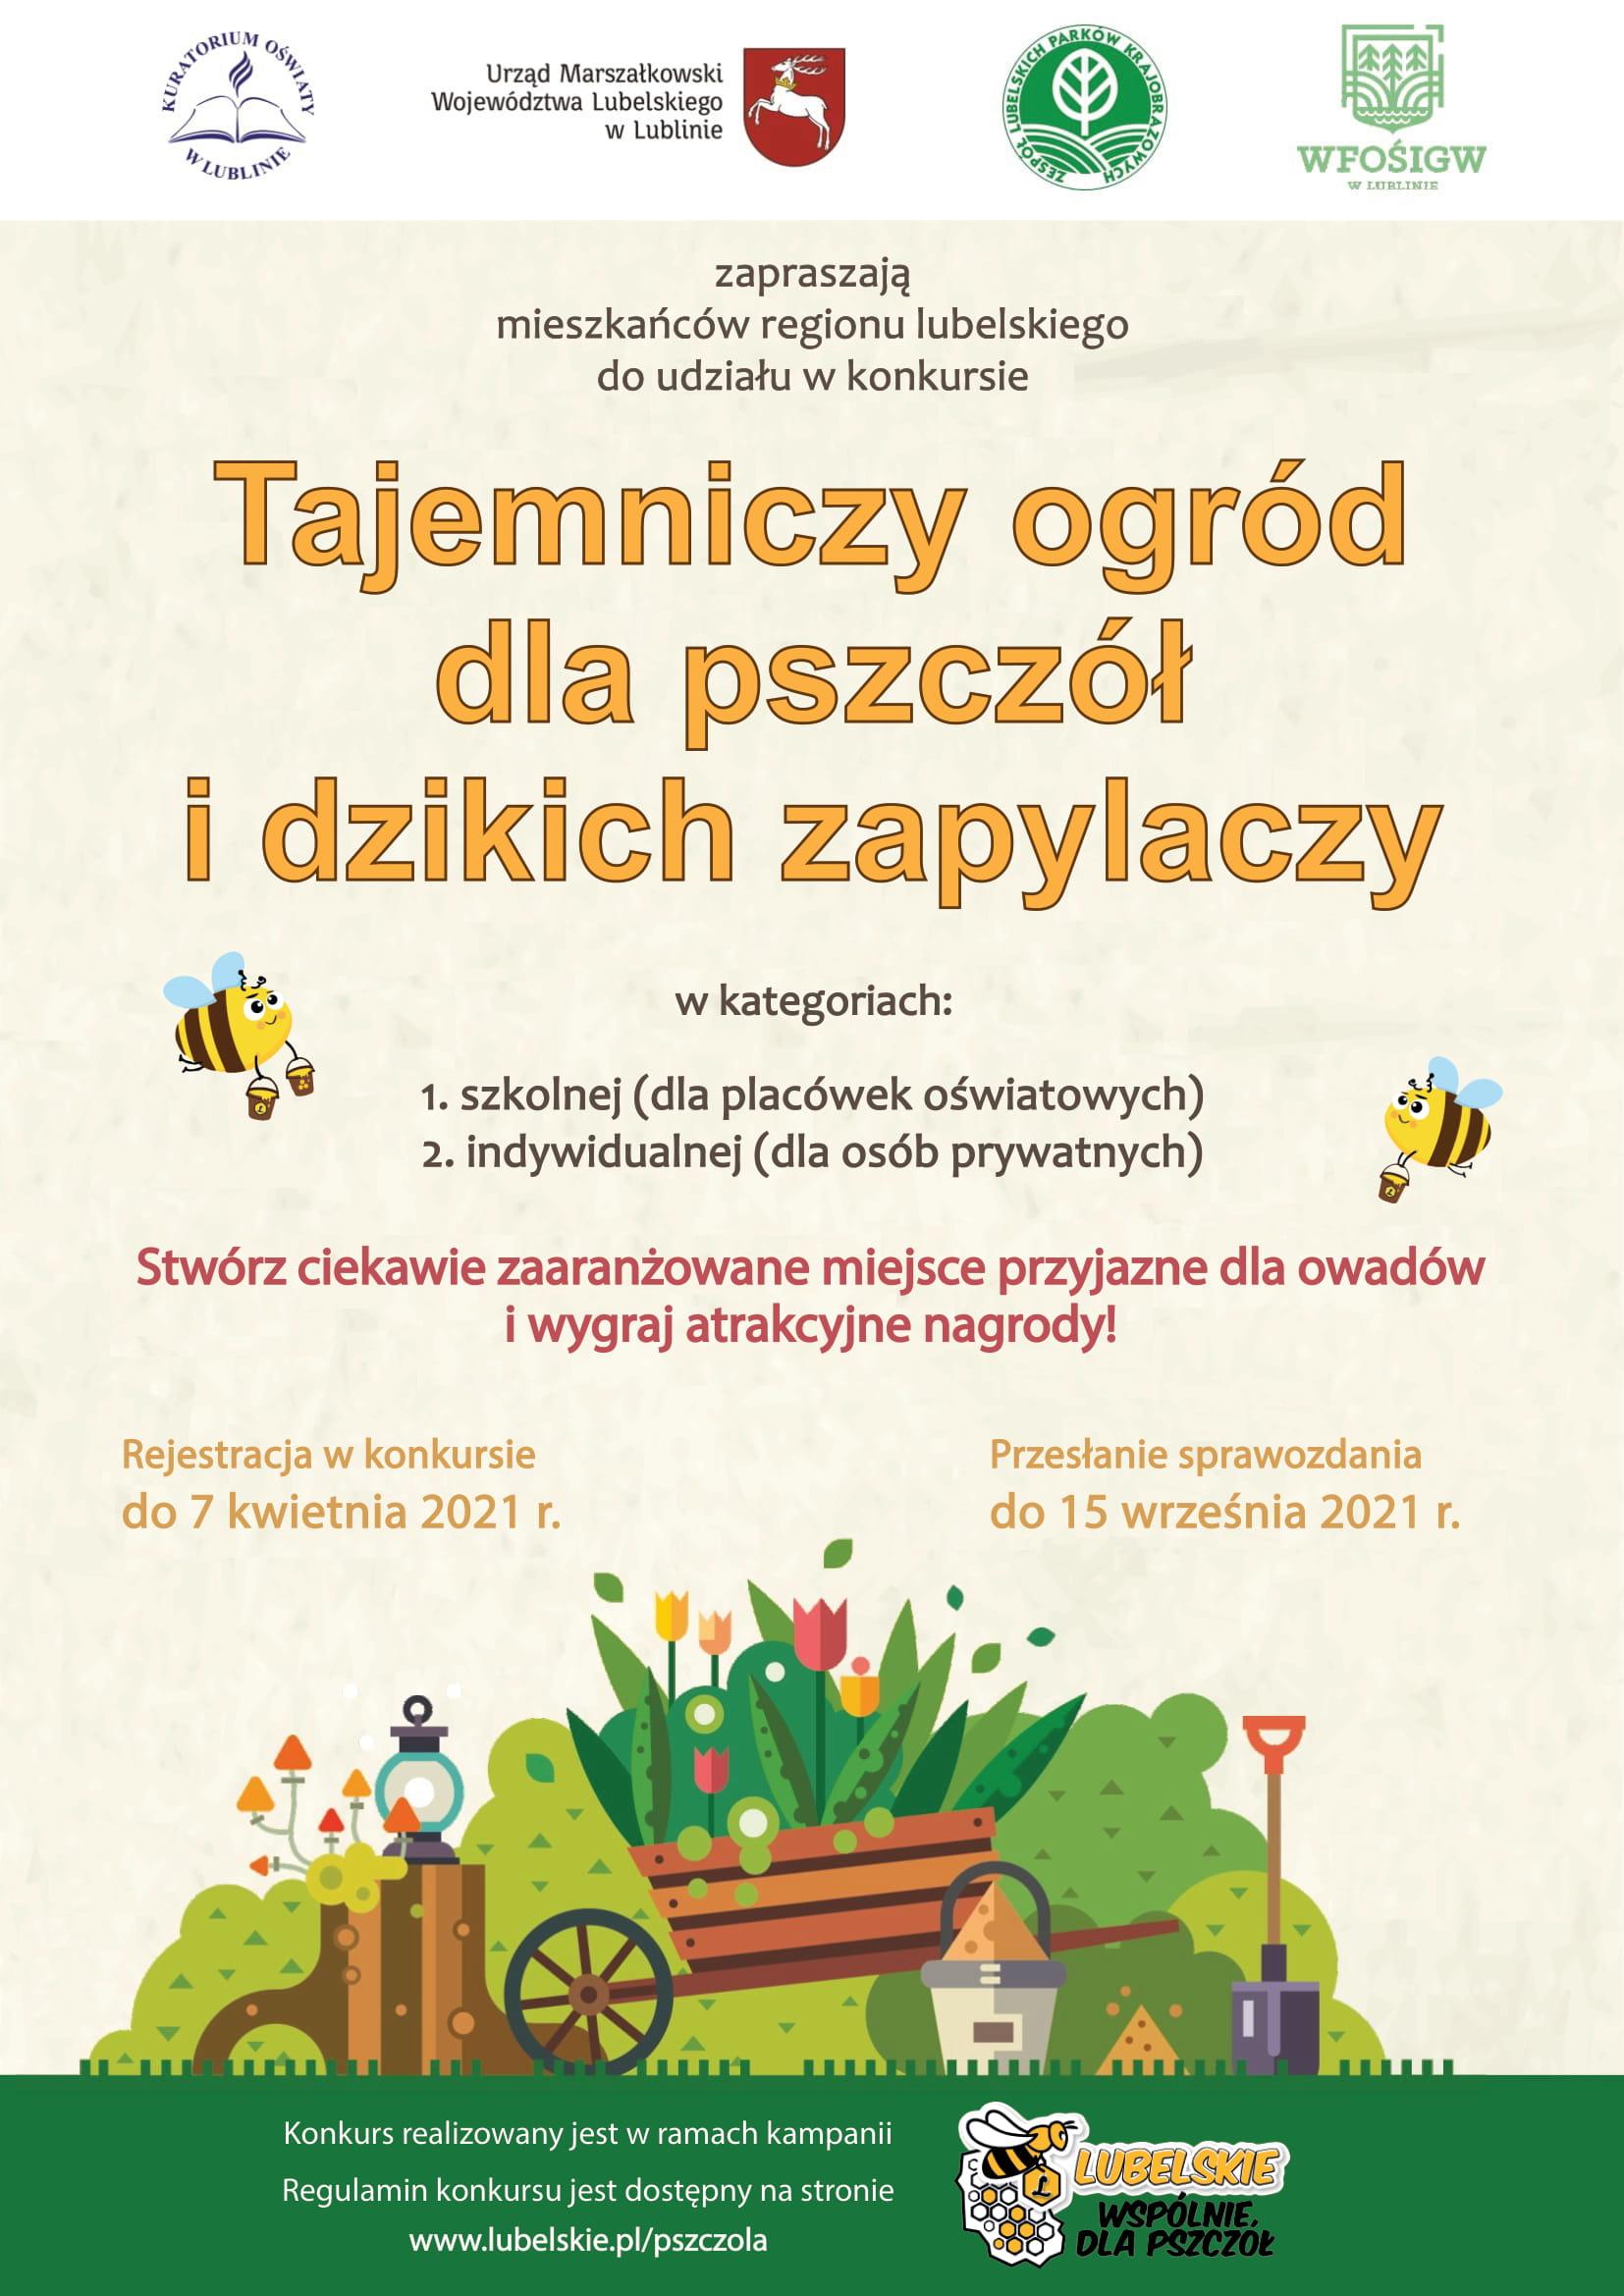 https://www.lubelskie.pl/file/2021/03/plakat2-1.jpg